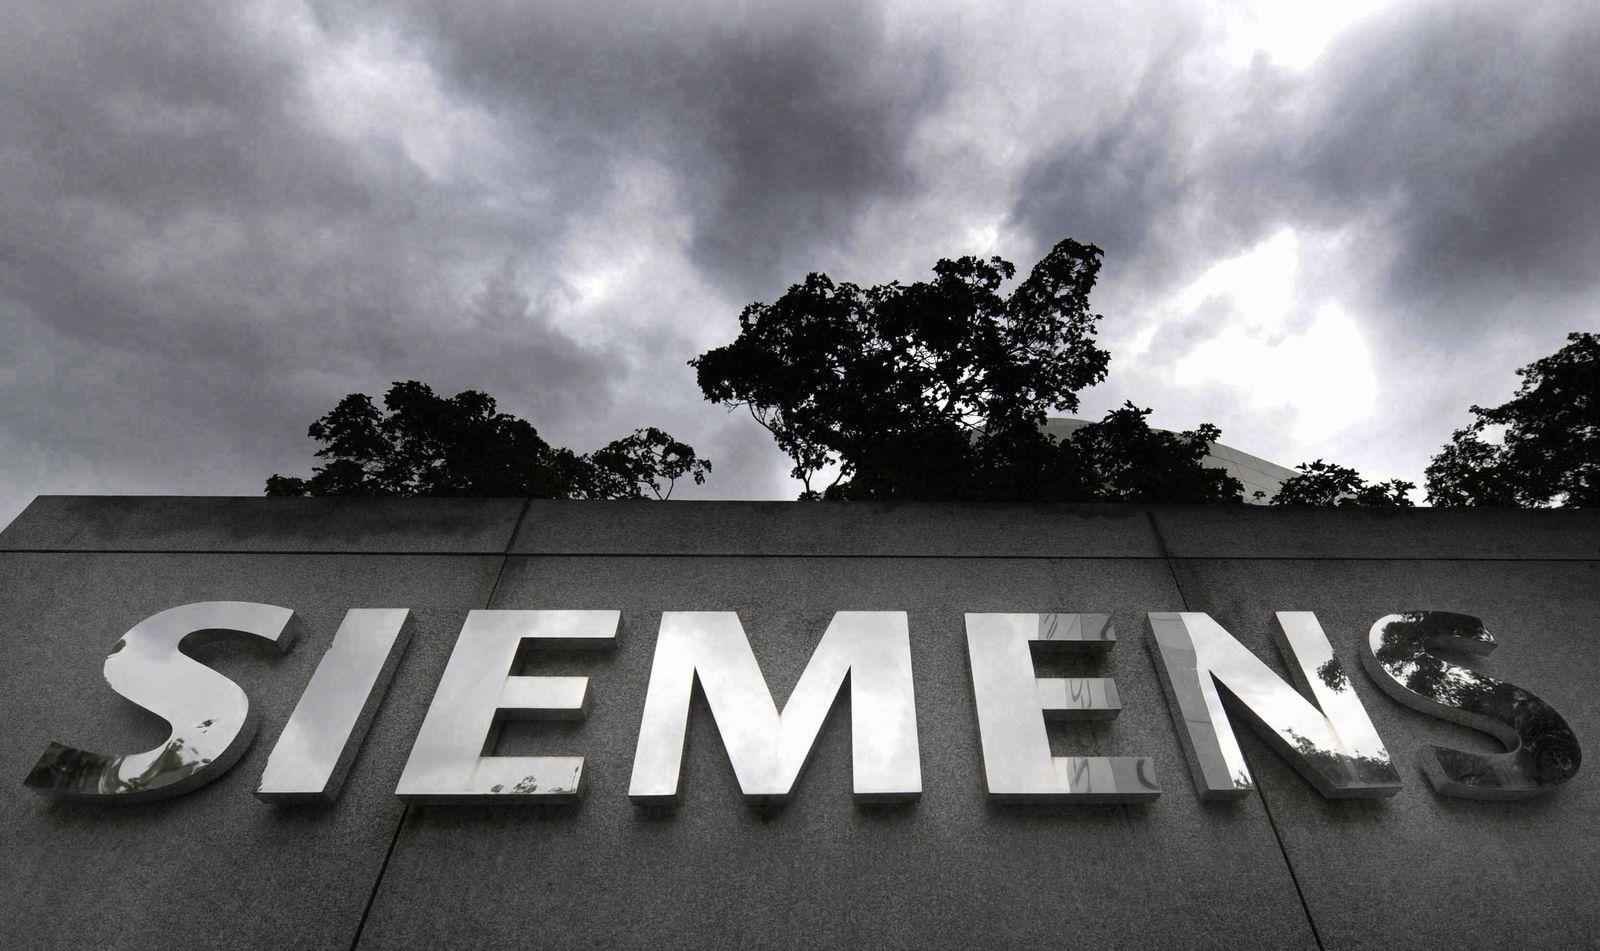 NICHT VERWENDEN Siemens-Logo Wolken